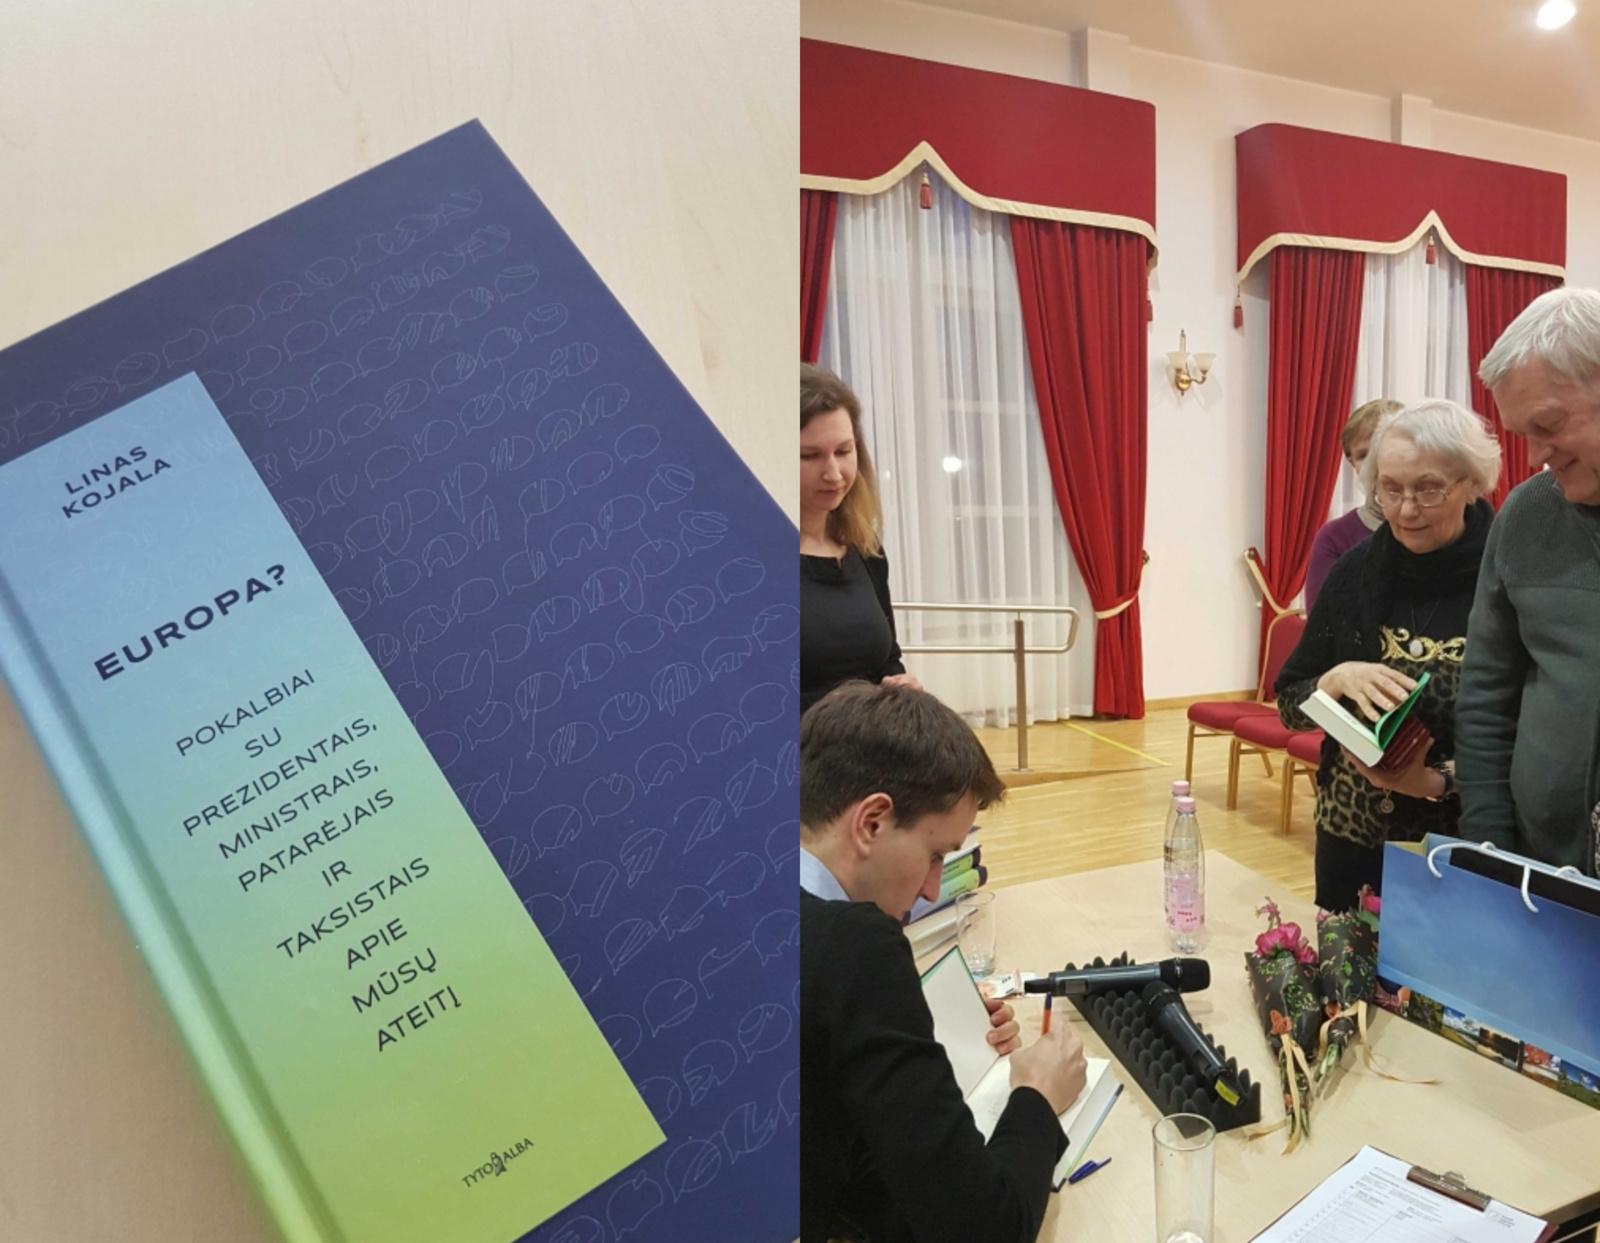 """Lino Kojalos knyga """"Europa? Pokalbiai su prezidentais, ministrais, patarėjais ir taksistais apie mūsų ateitį"""""""